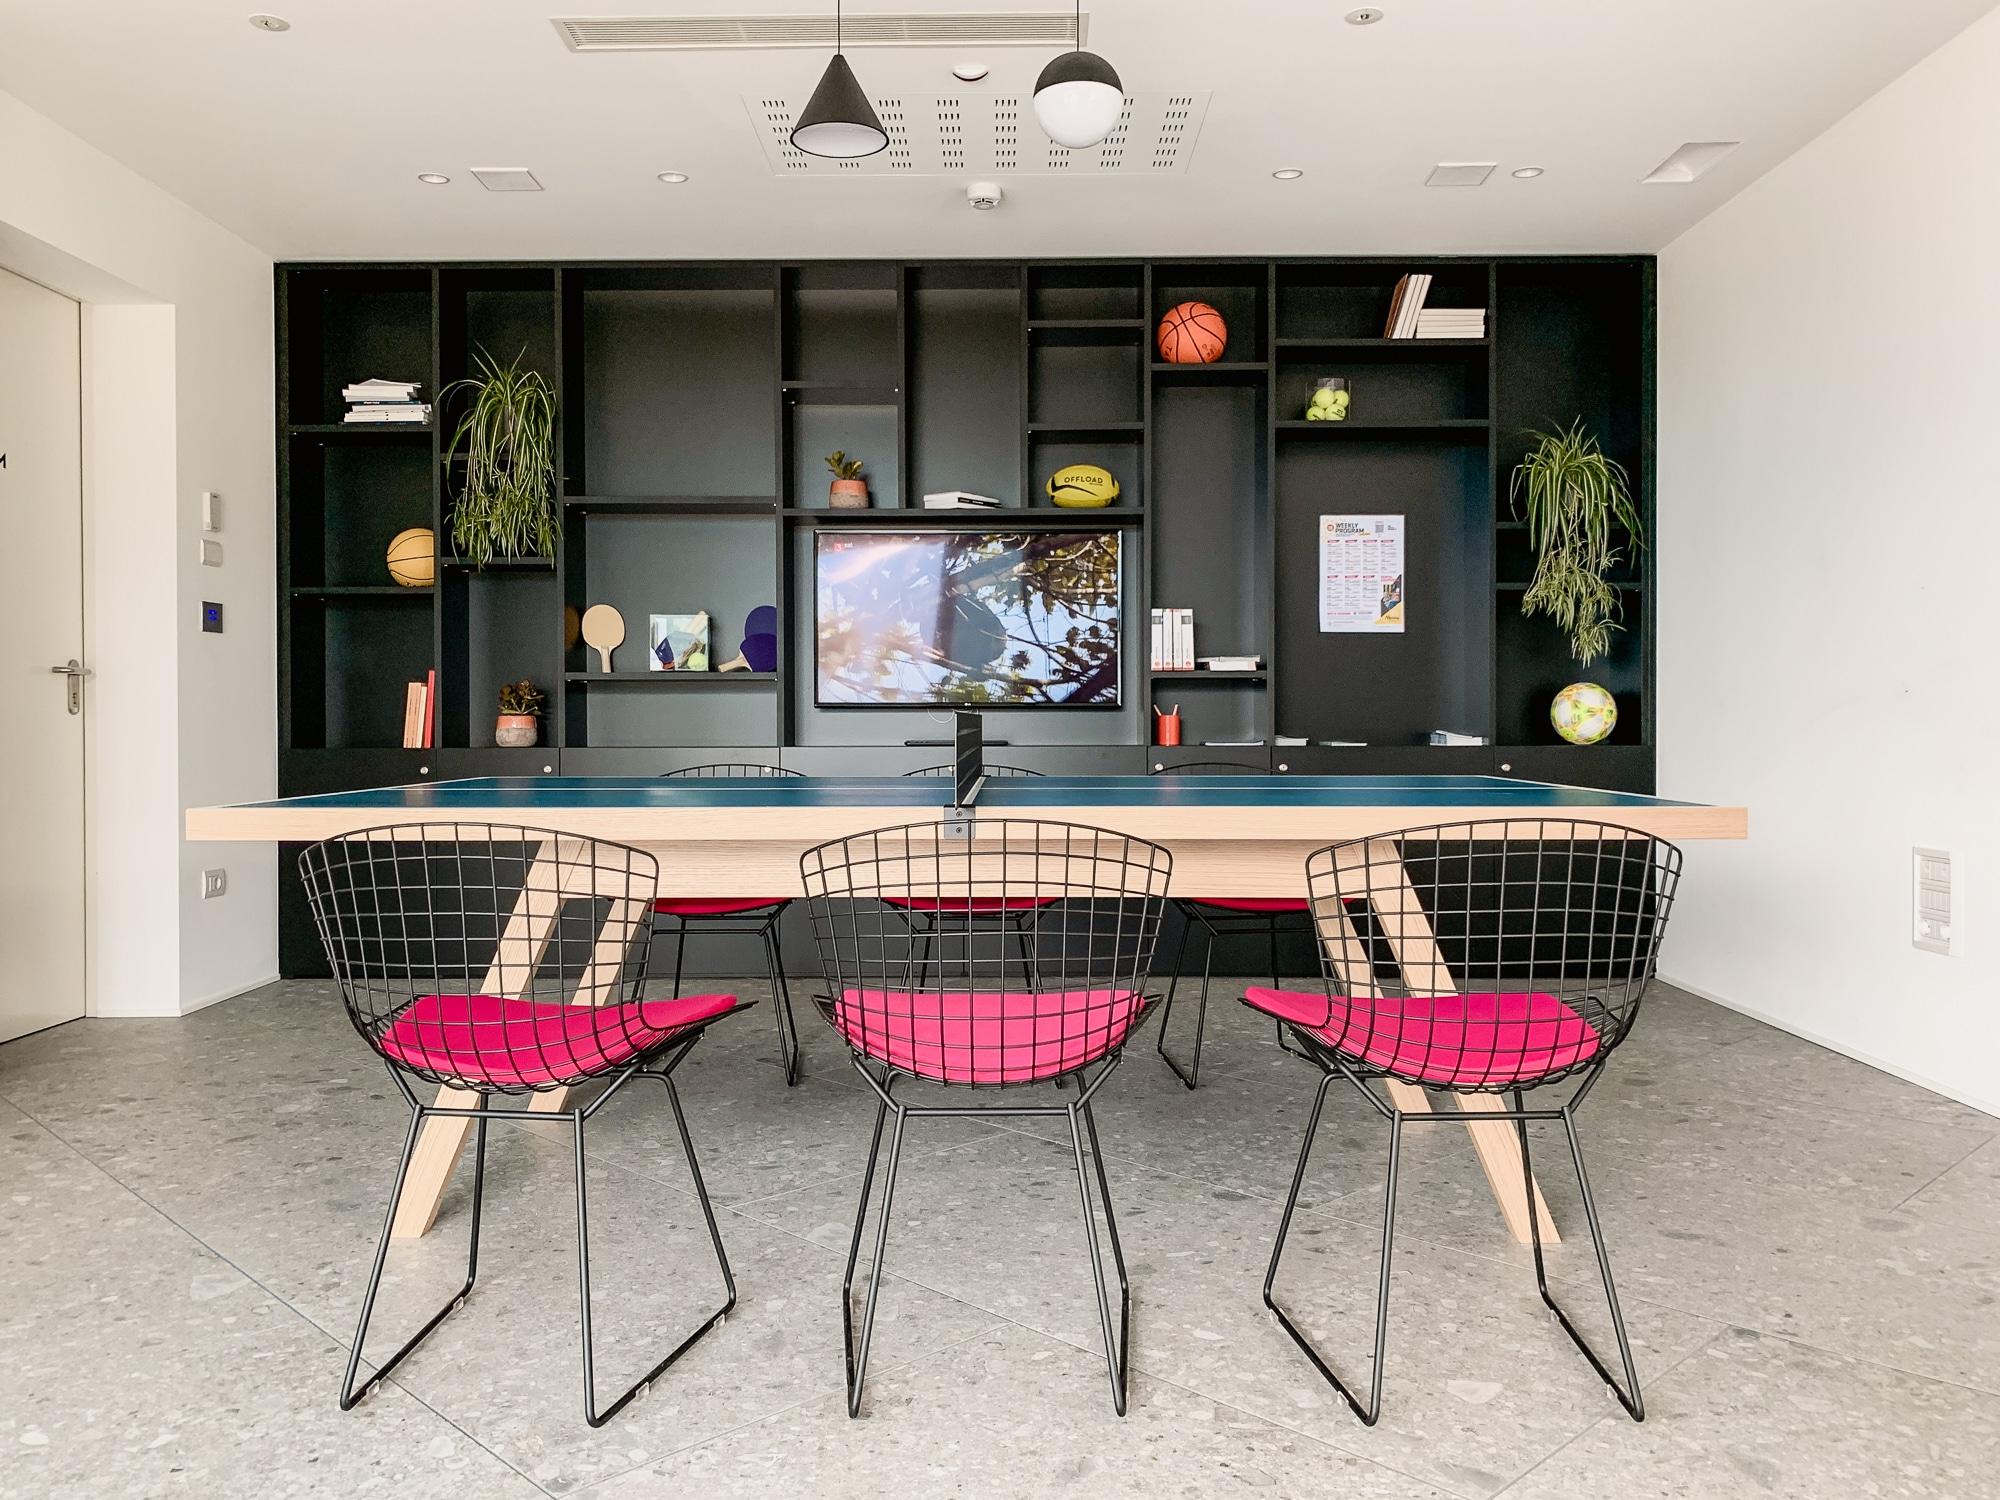 Hoody Hotel: Meine Erfahrungen im Gardasee Active & Happiness Hotel - Tischtennis